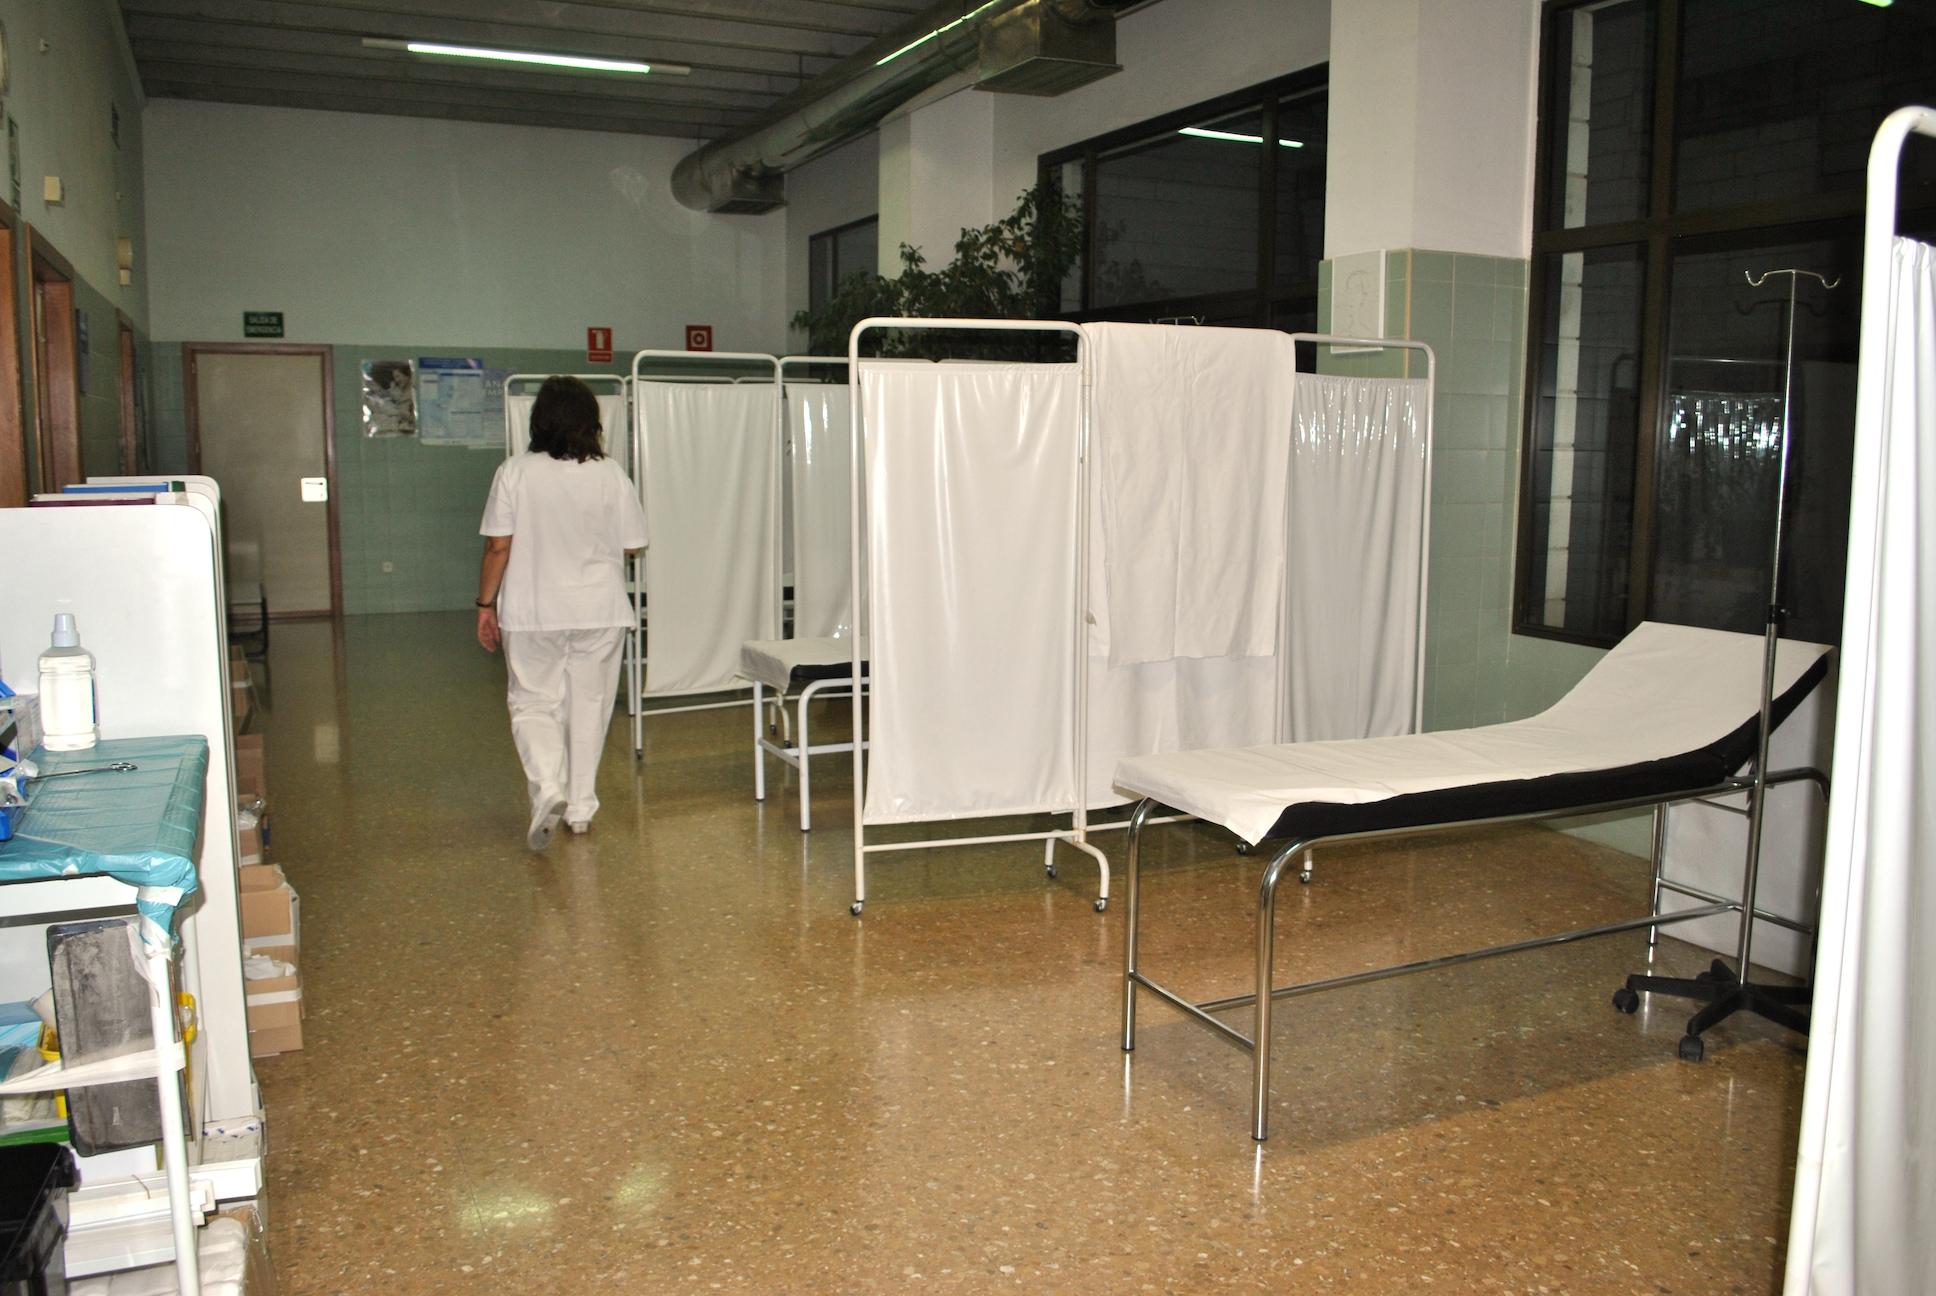 La dirección del departamento de salud de Manises reforzó como todos los años durante el campeonato el servicio médico del centro de salud con personal sanitario.